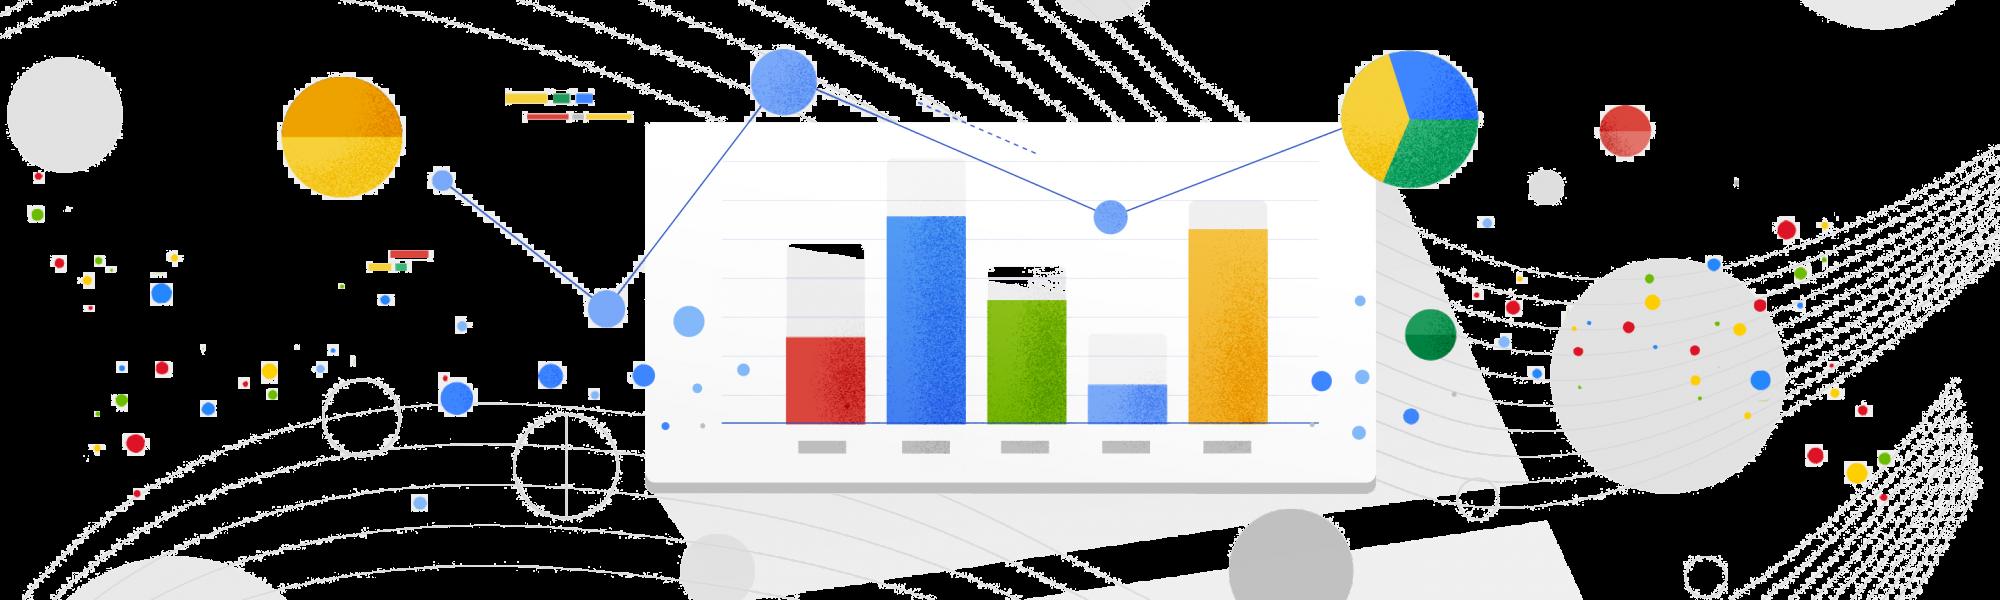 Vanenburg_Data_Smart-business-analytics